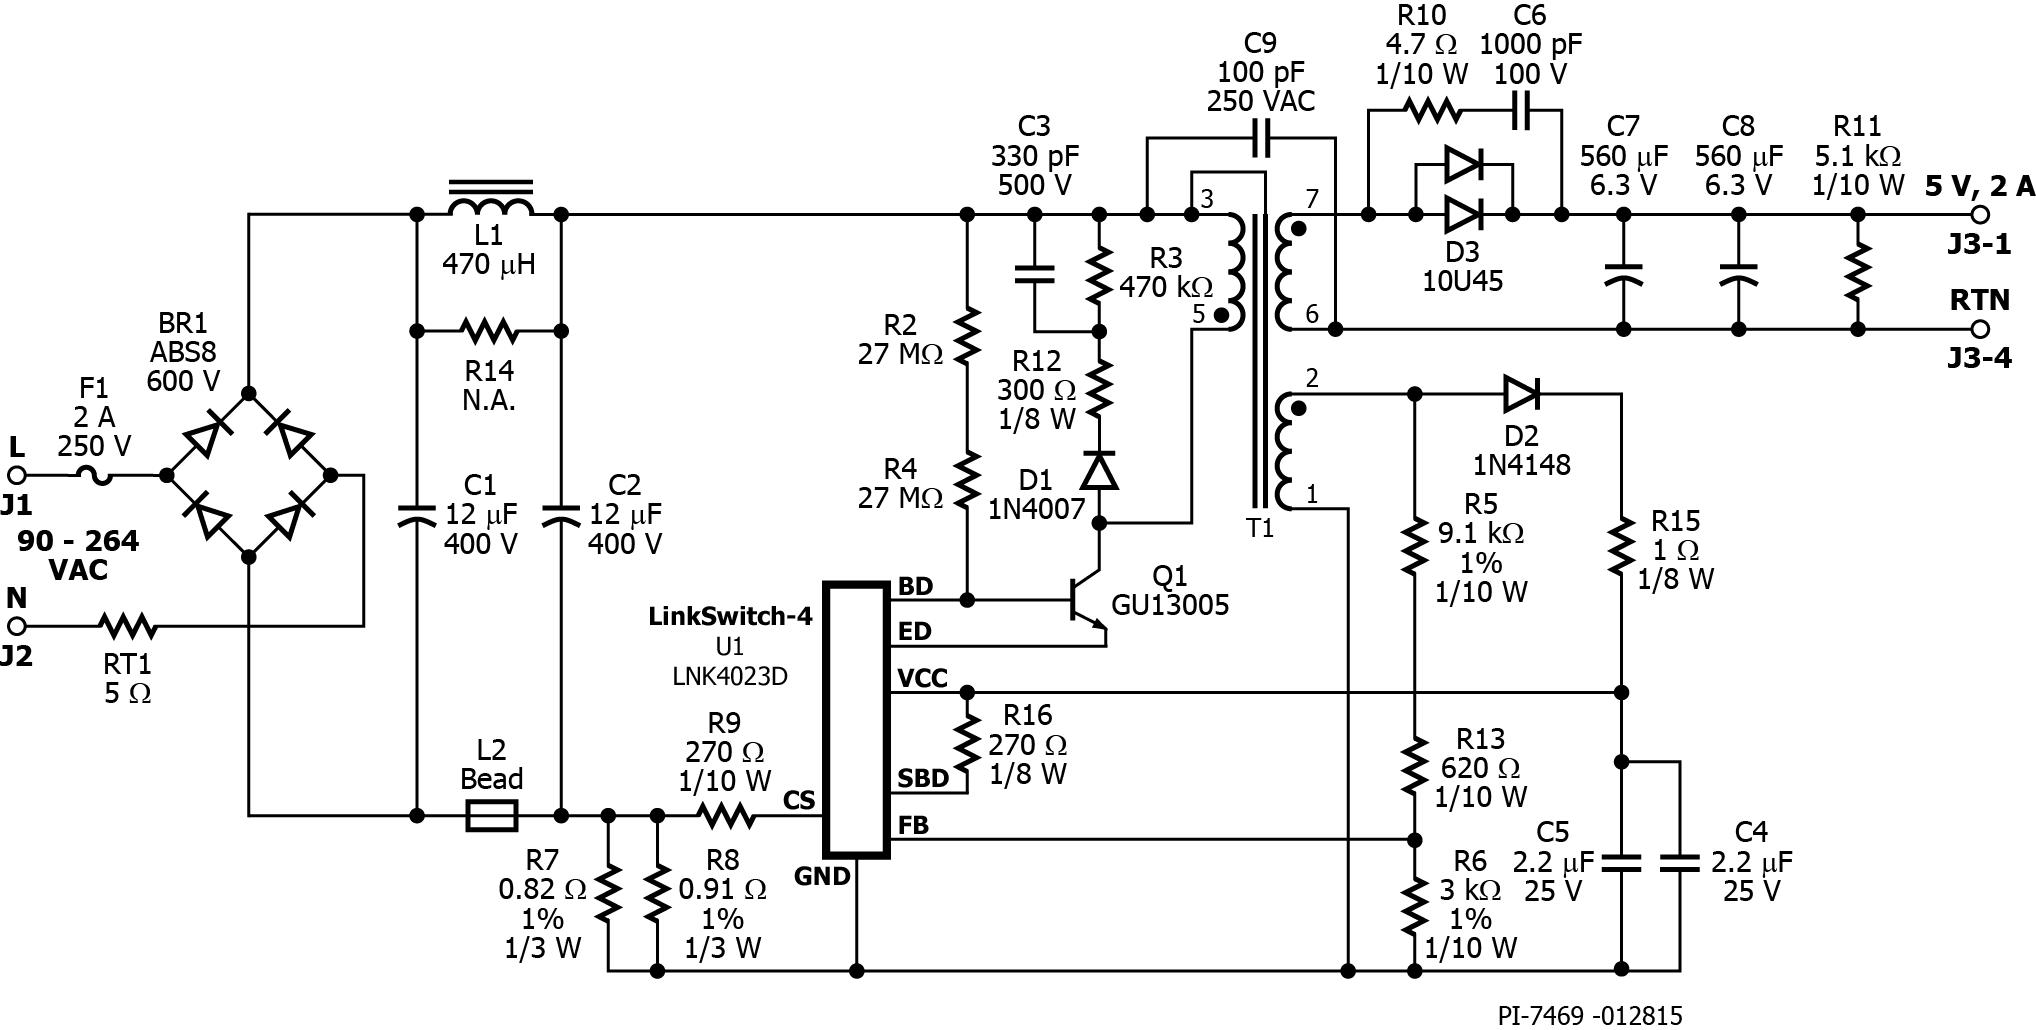 rdr-462 - 10 w cv  cc usb charger